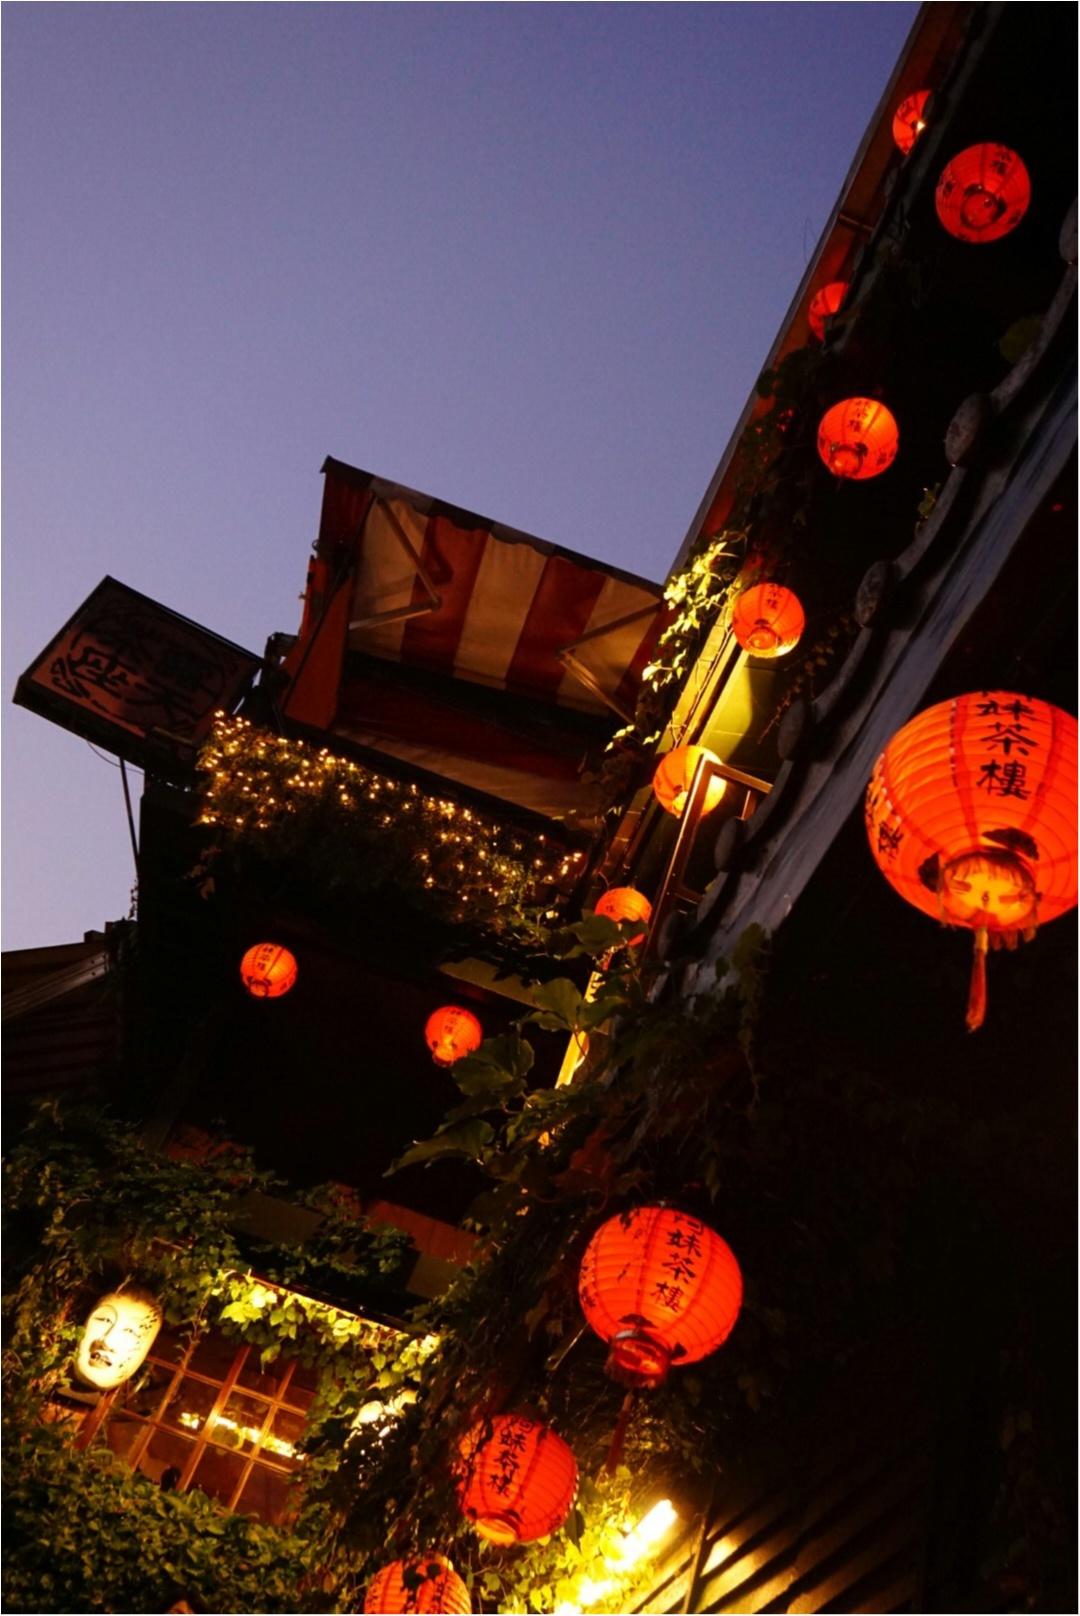 【旅行】週末台湾♡その4・あの映画のモデルの建物も!台湾の超人気スポット徹底レポ_11